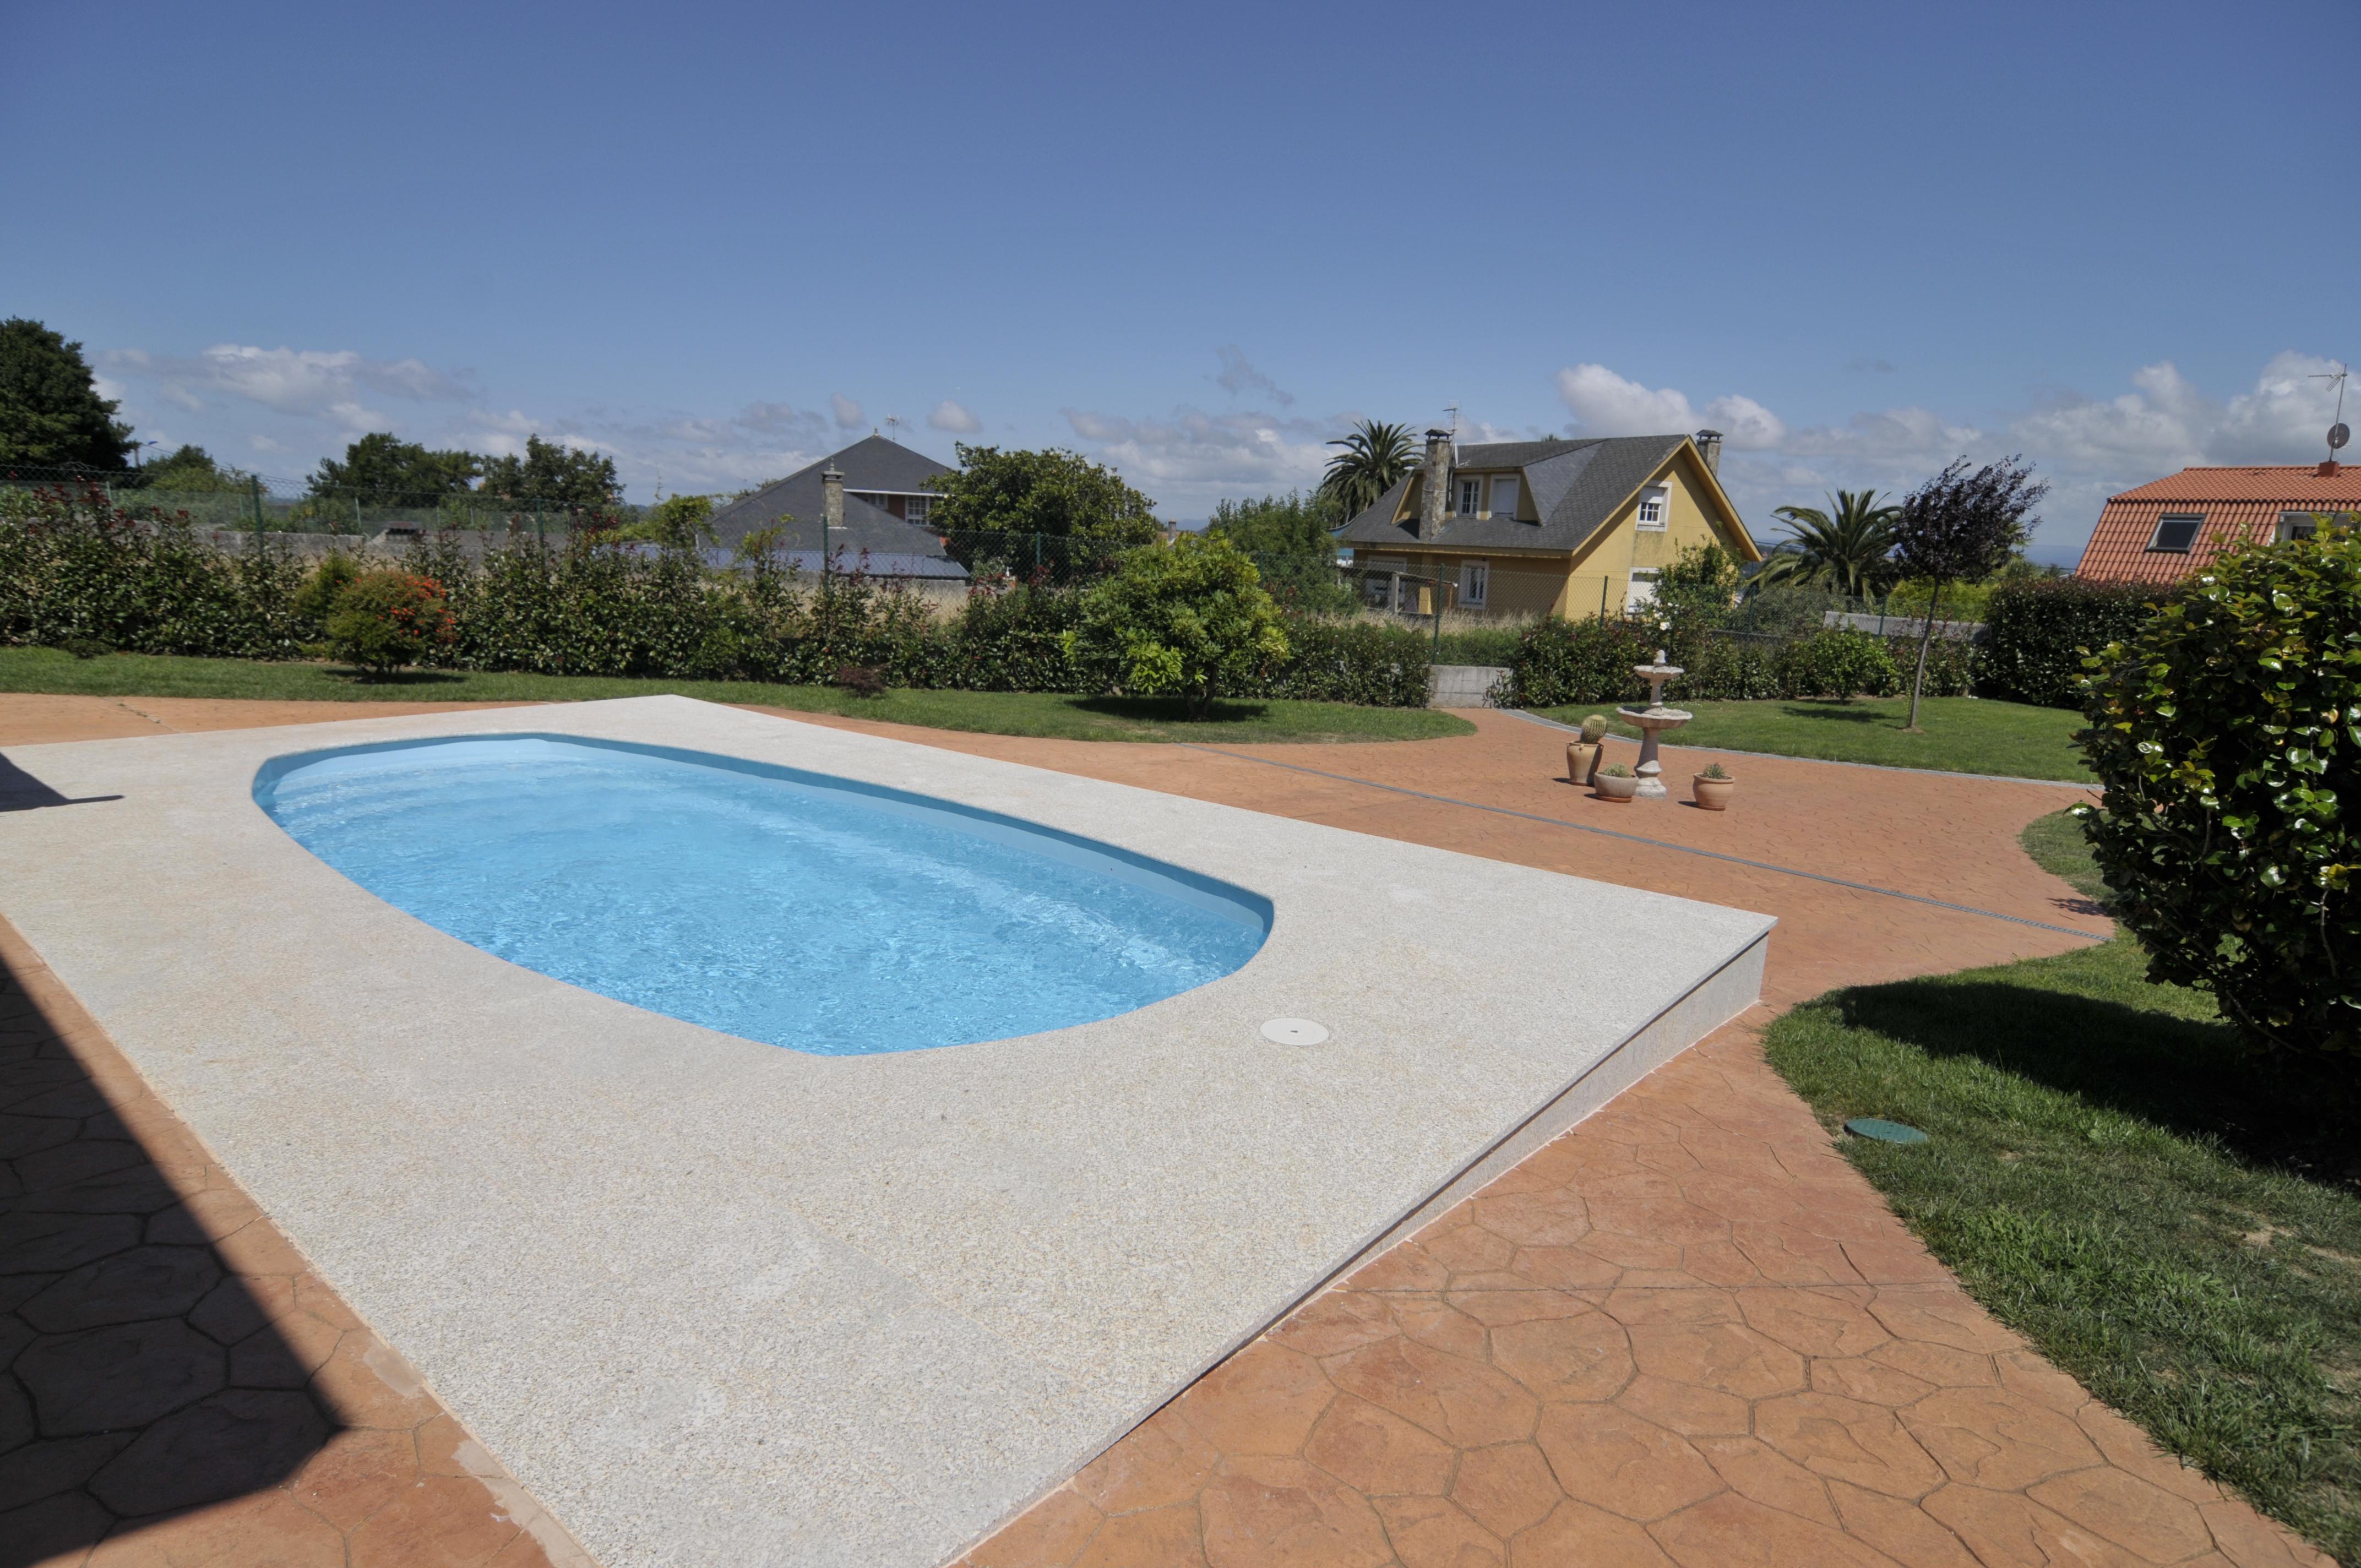 Ver galer a piscinas prefabricadas aguasport piscinas for Piscinas dtp